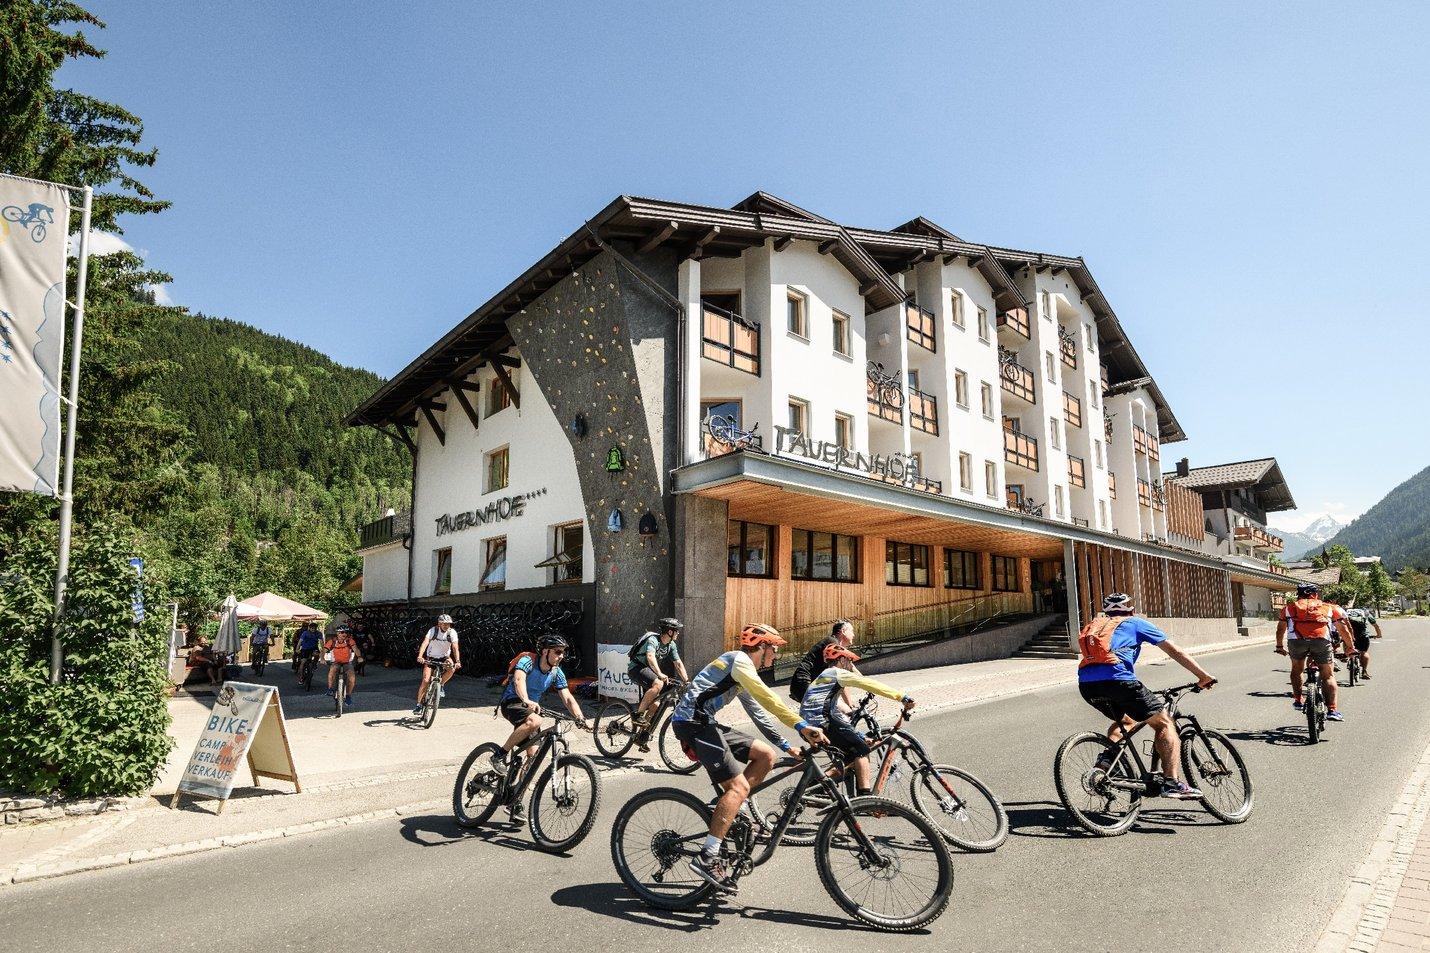 Tauernhof_Flachau_Mountainbikehotel Fassade in Salzburg